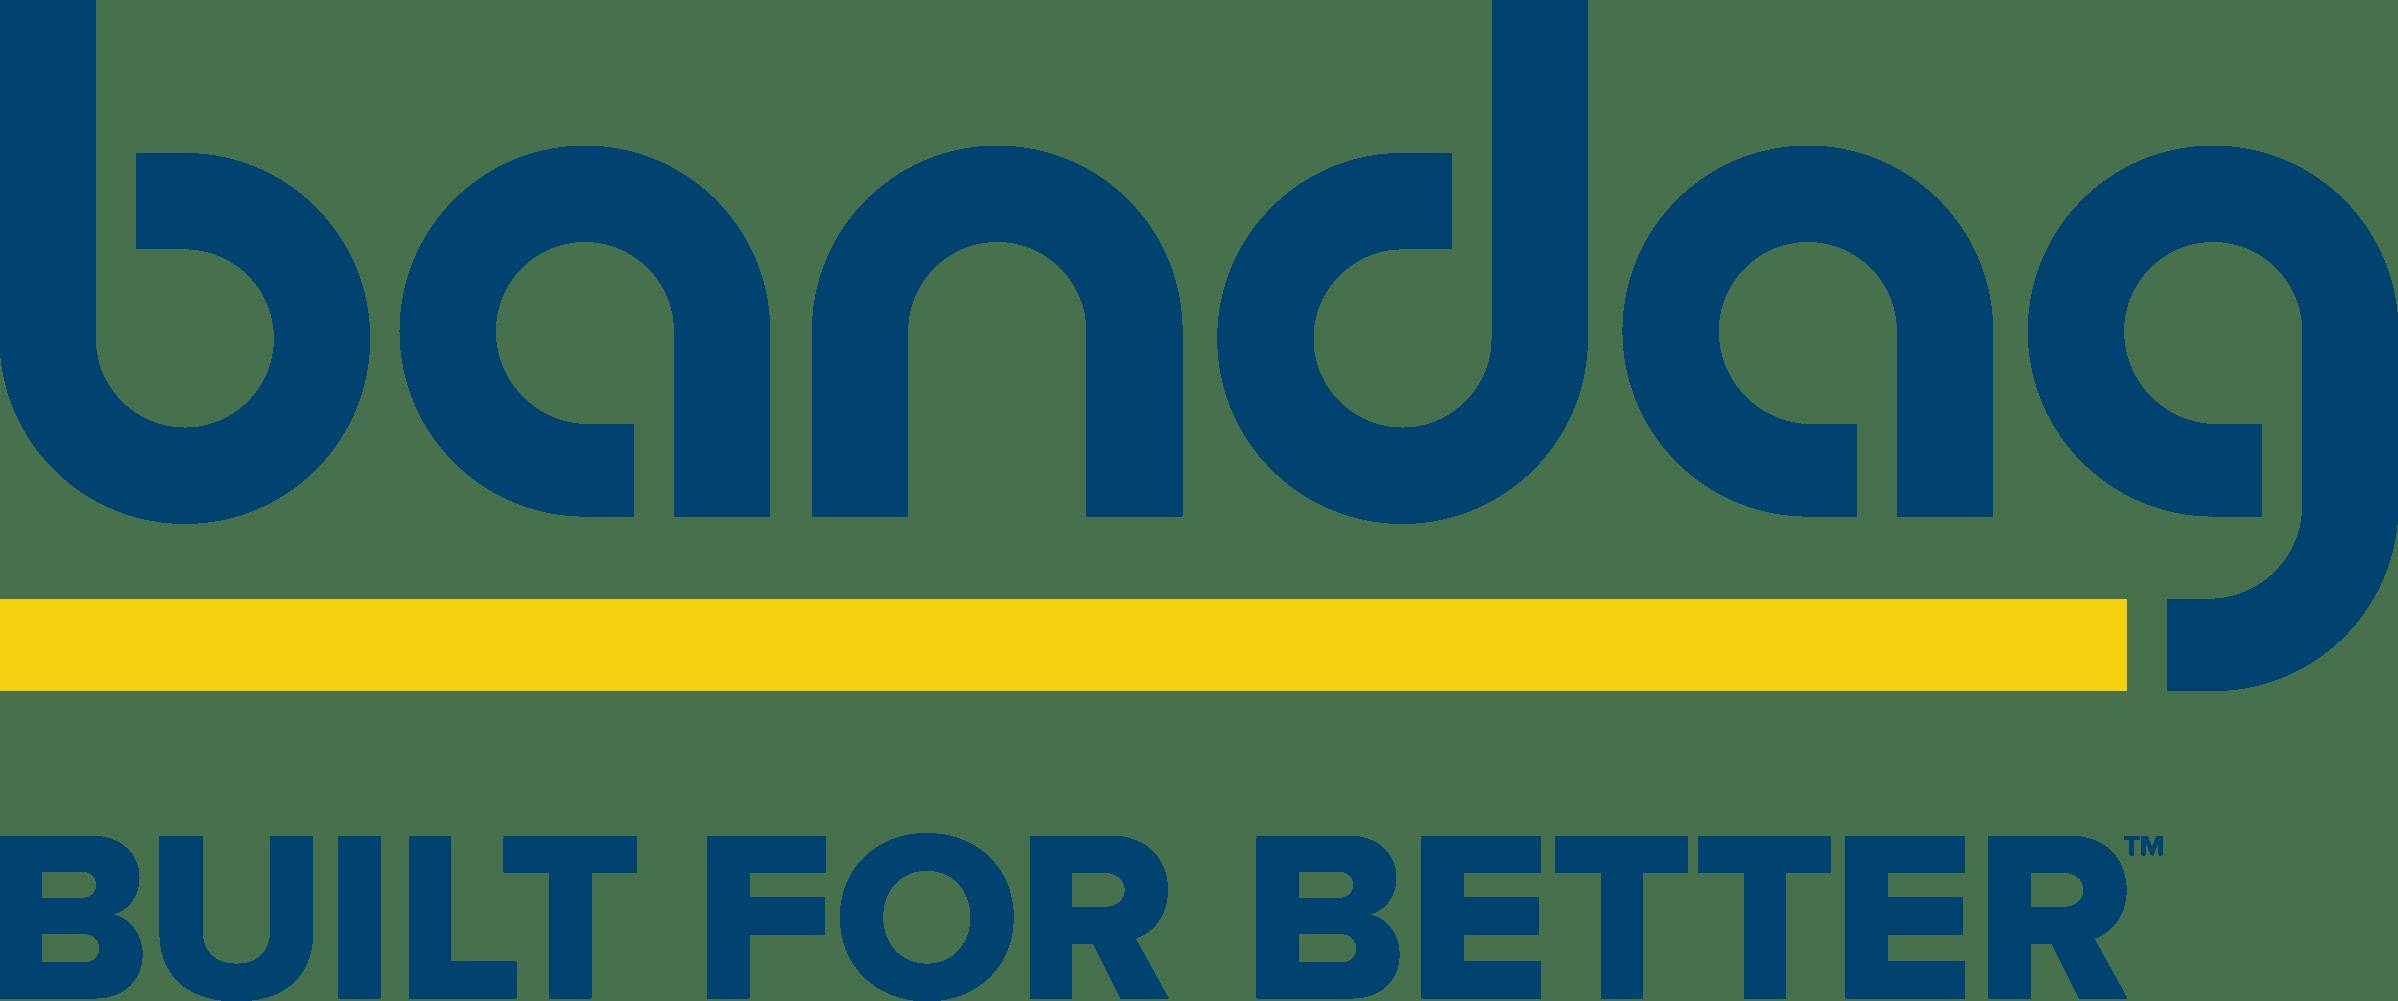 Bandag, Inc.